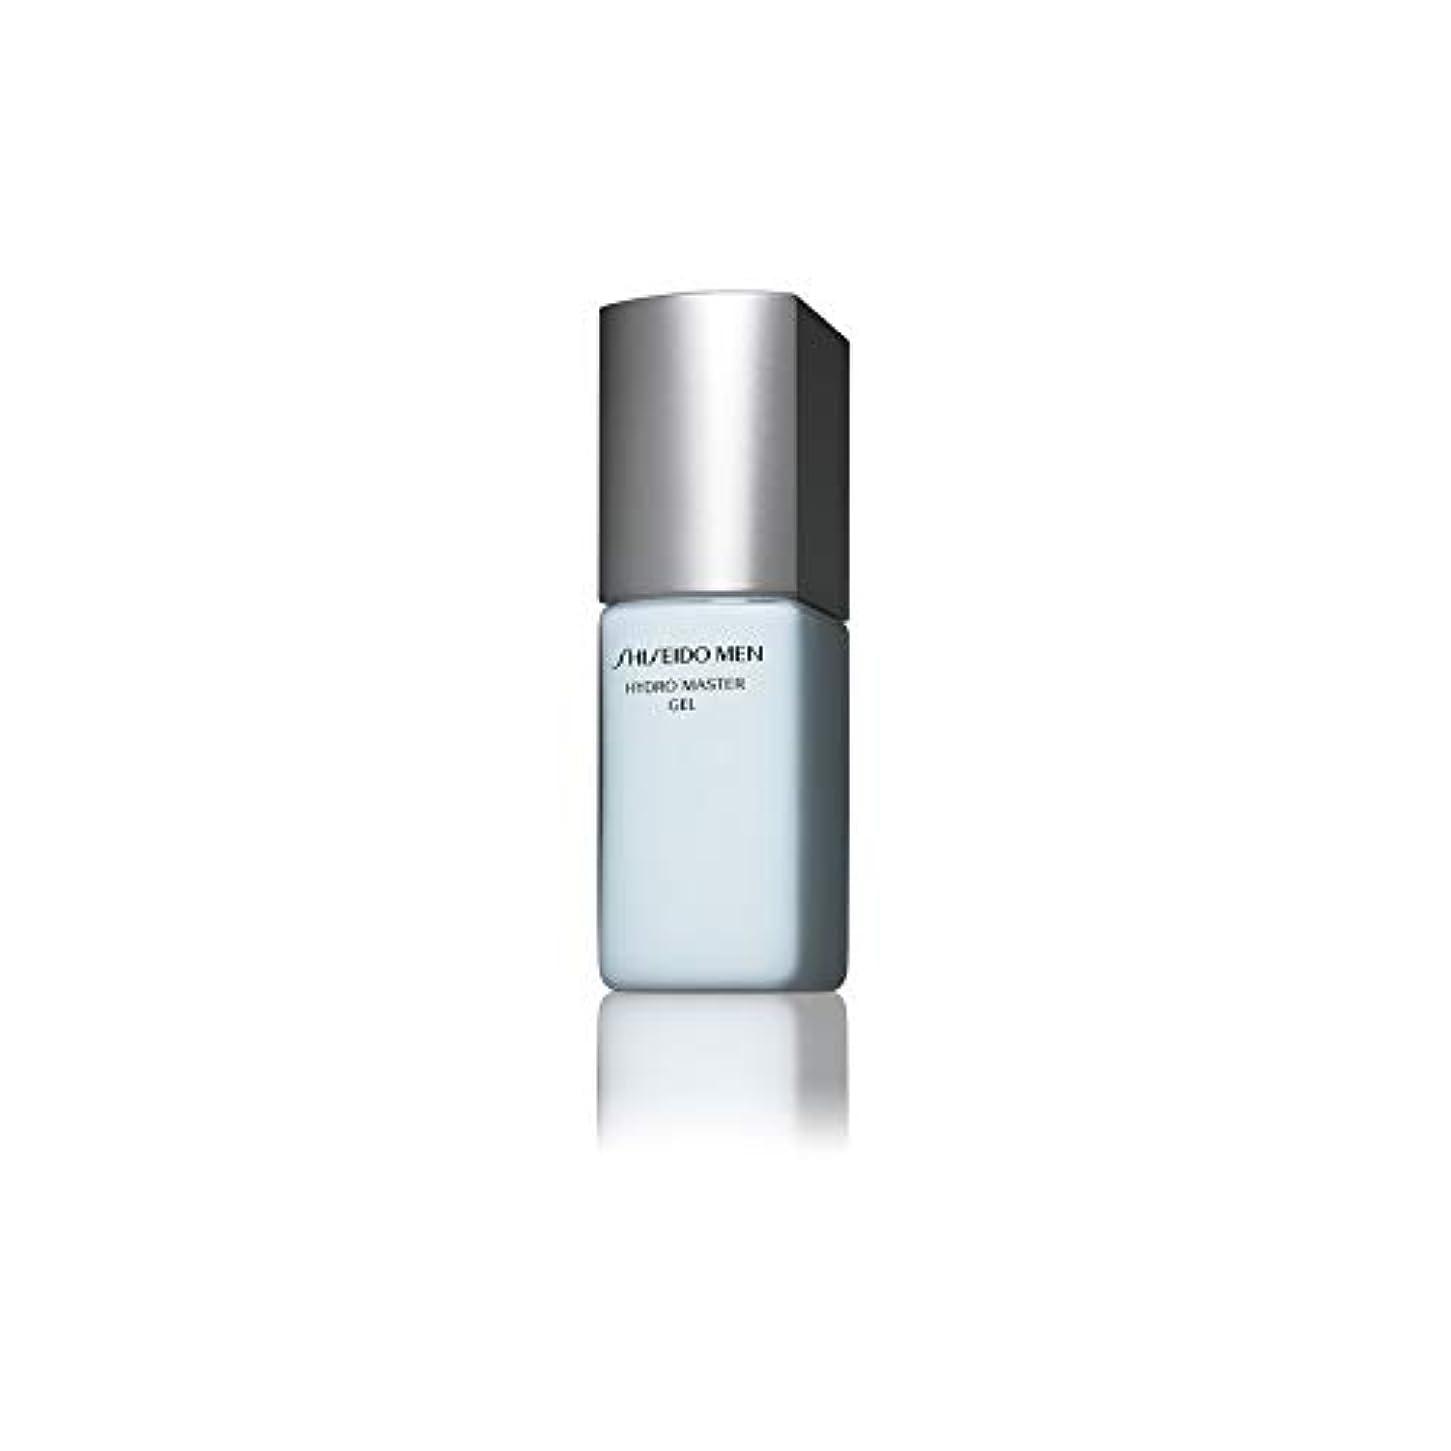 本質的にアトラス心臓[Shiseido] 資生堂メンズハイドロマスターゲル(75ミリリットル) - Shiseido Men's Hydro Master Gel (75ml) [並行輸入品]